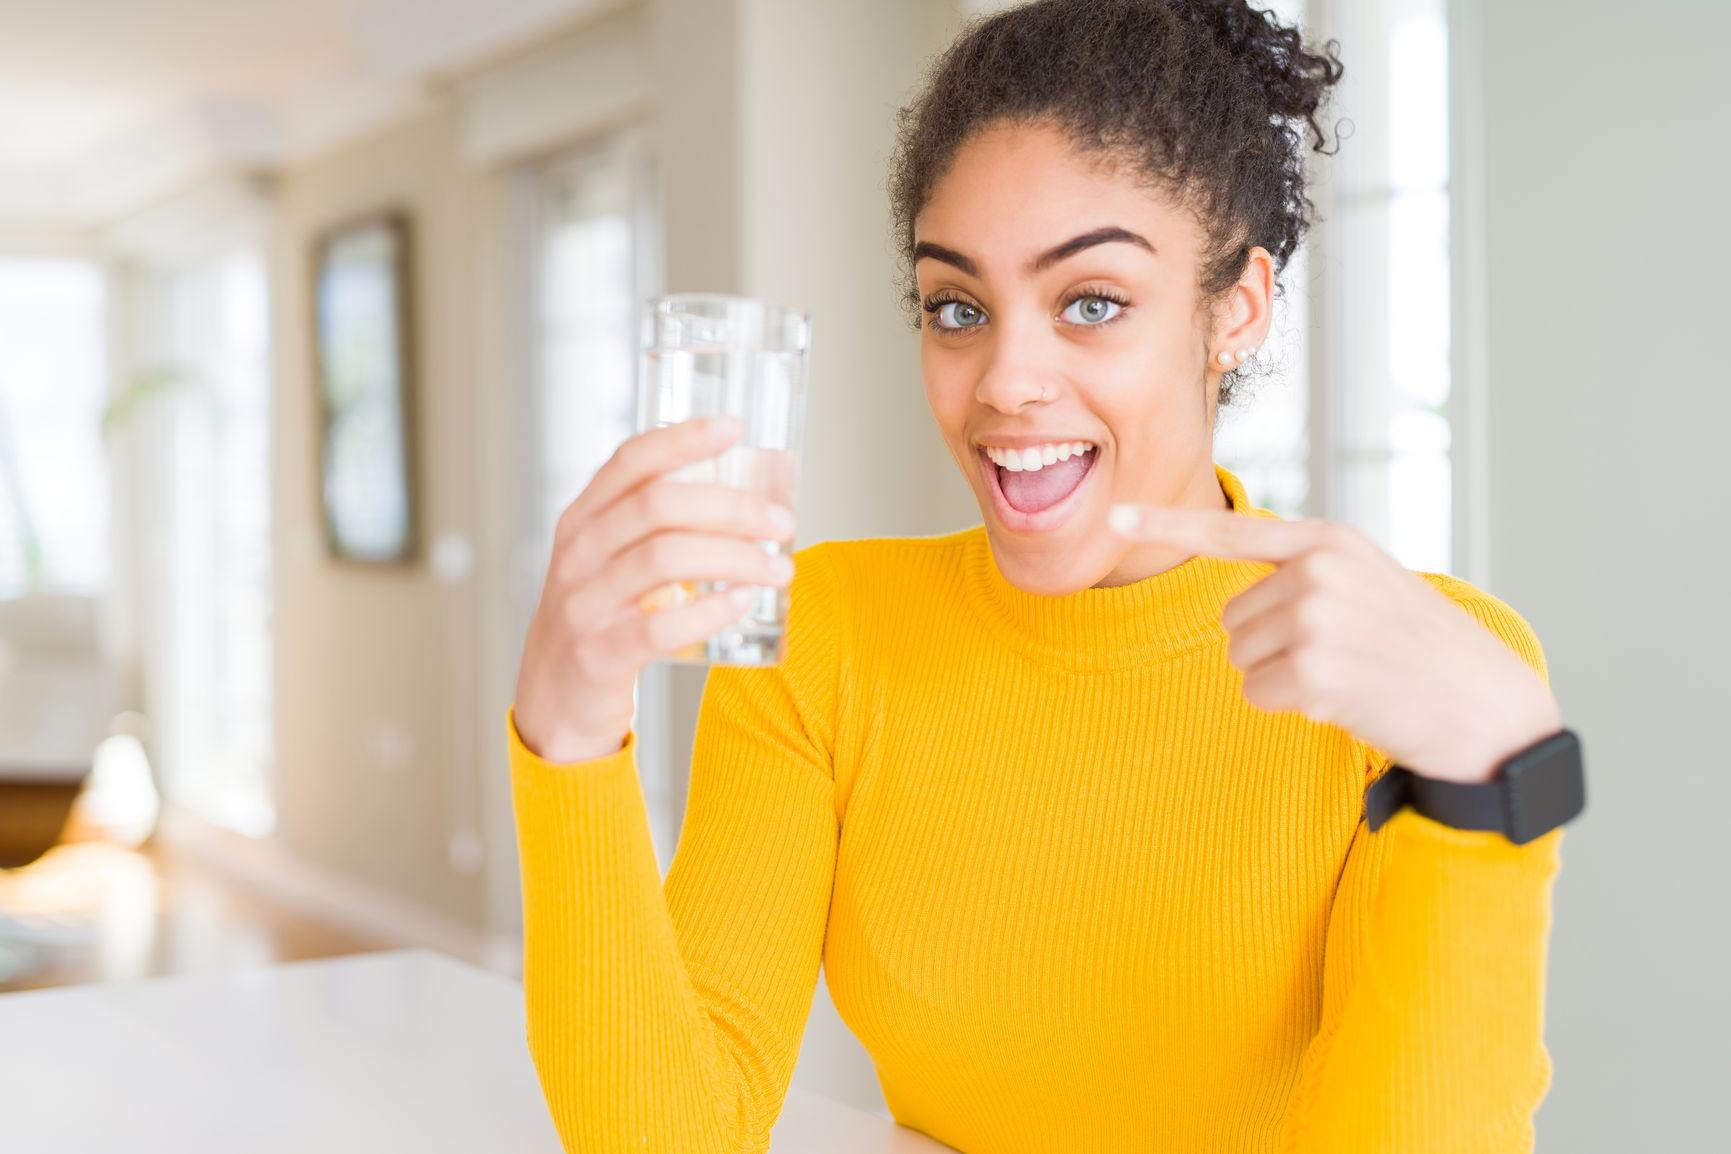 Nok vann kan bidra til å gi deg sterkere negler